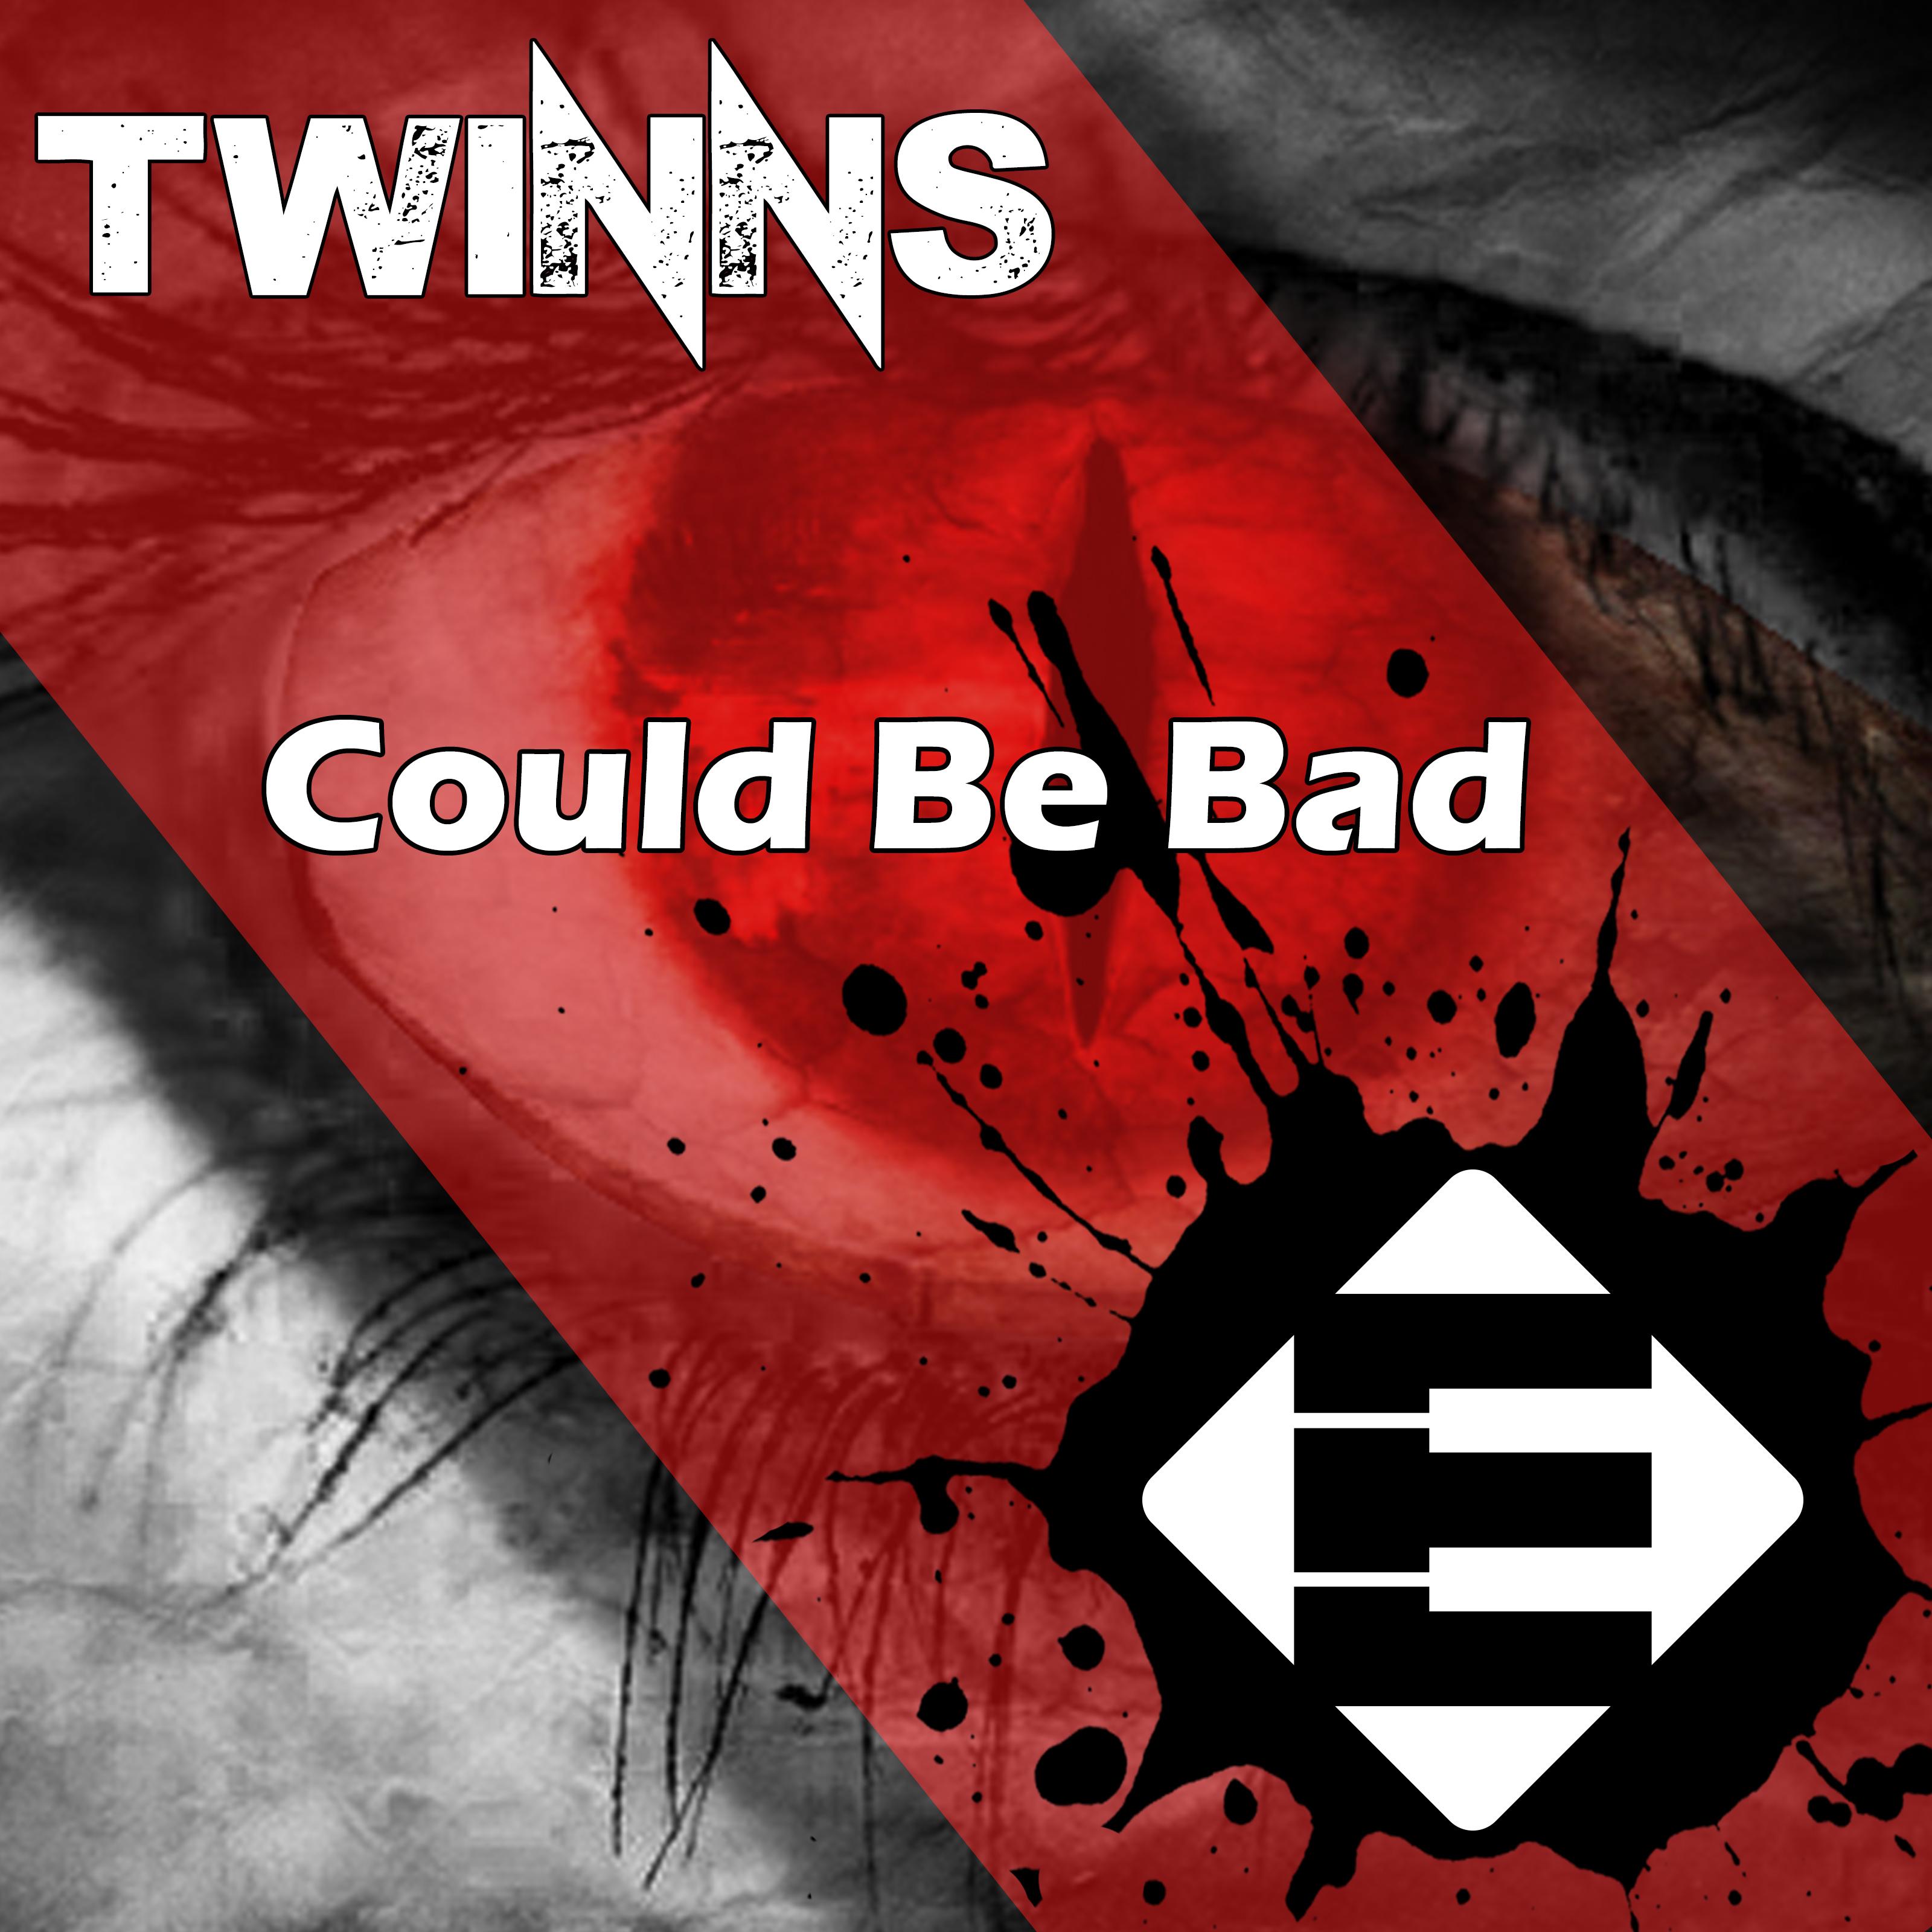 twinns_-_could_be_bad.jpg